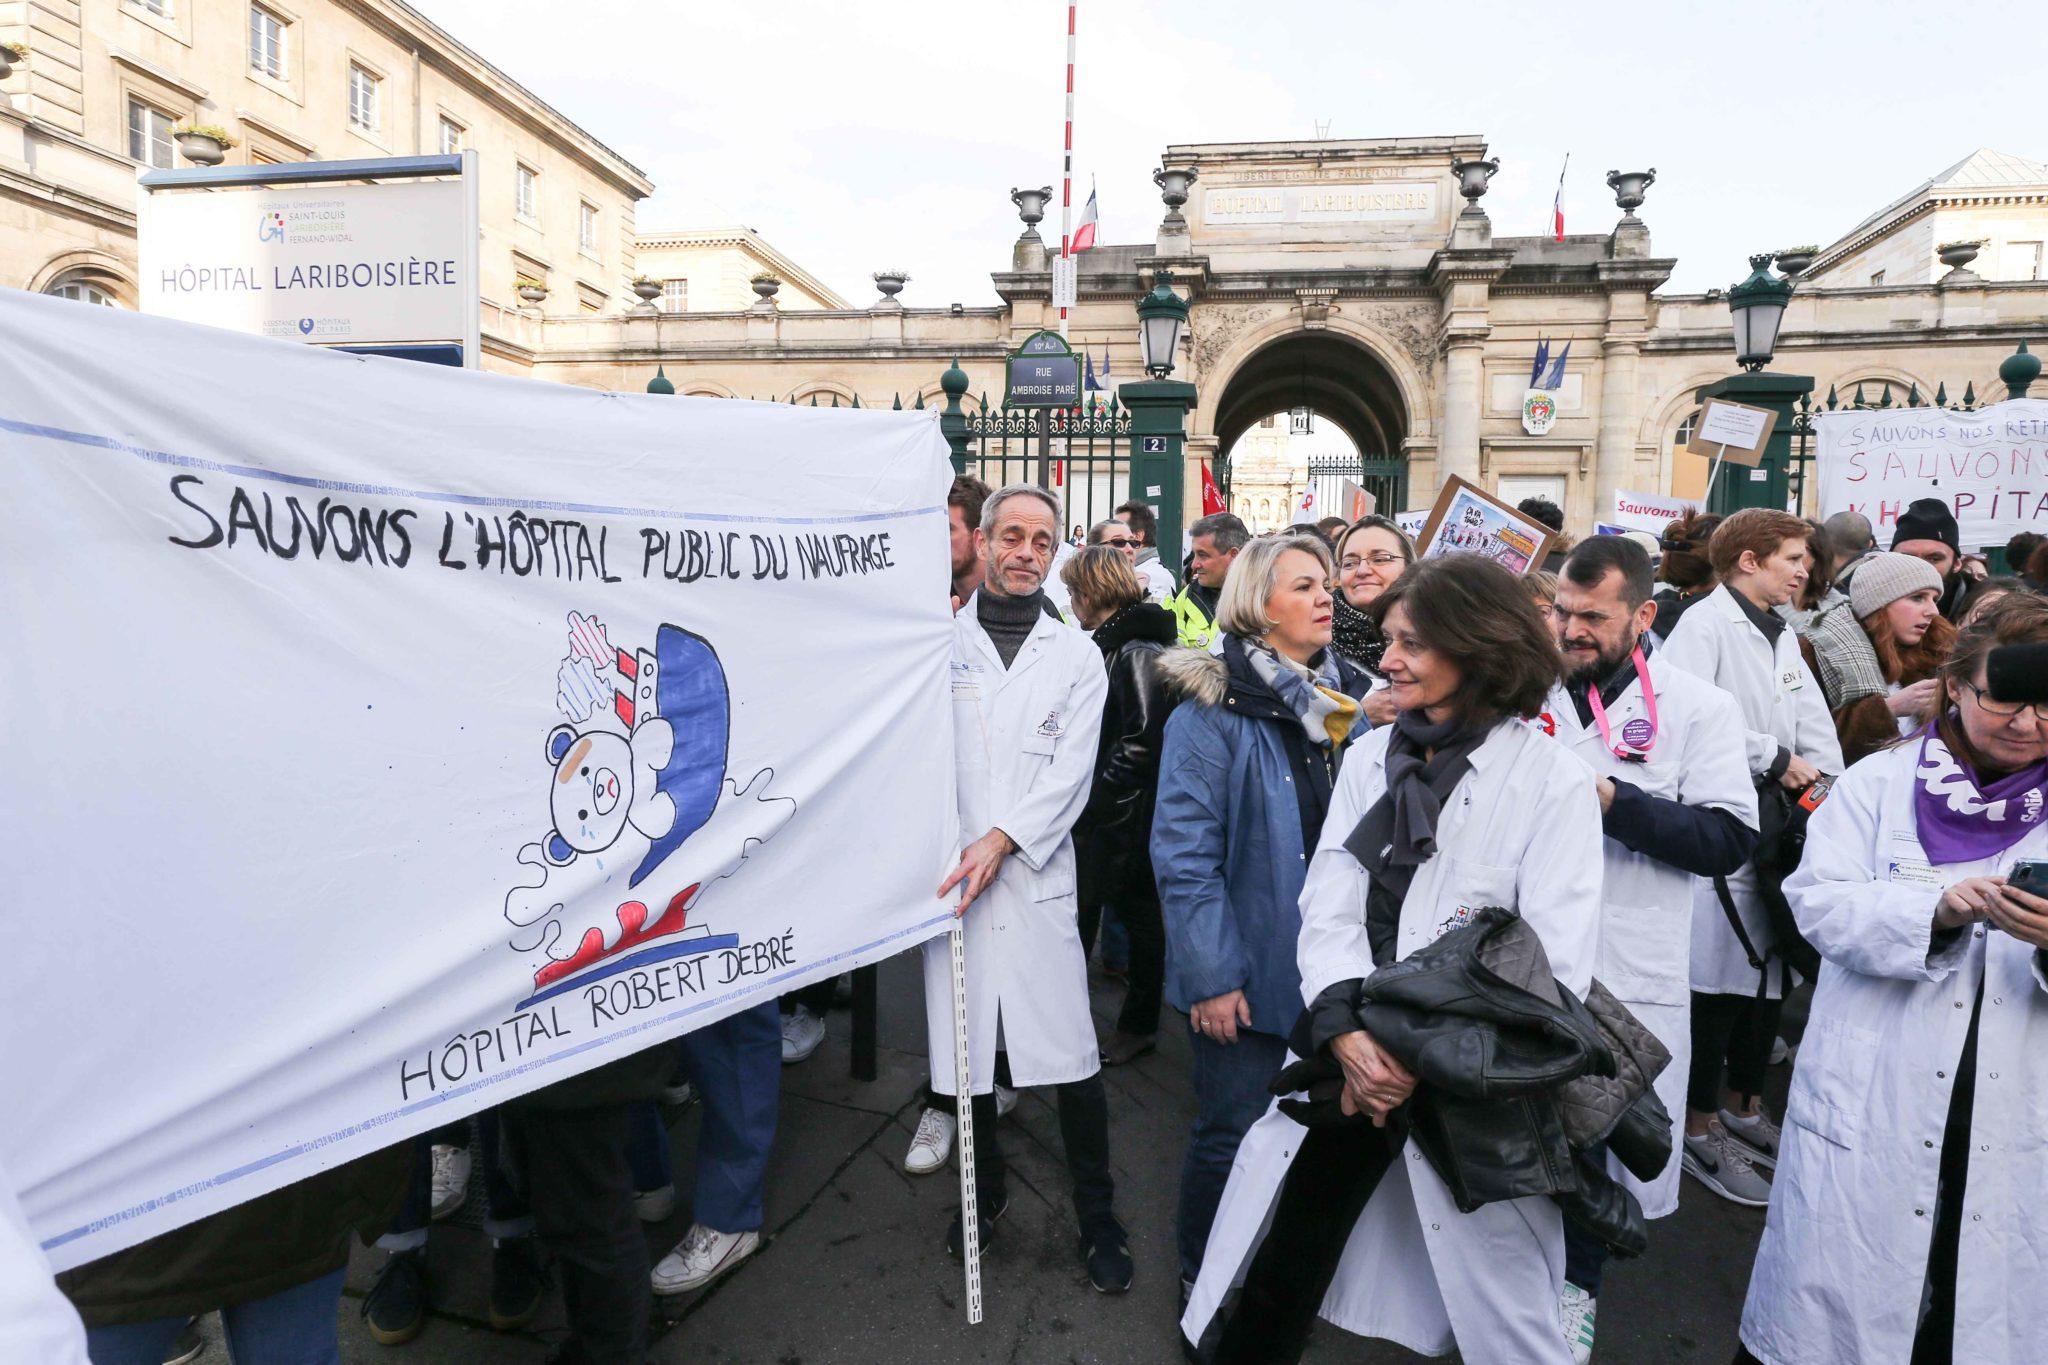 Rassemblement devant l'hôpital Lariboisière. © Michel Stoupak. Mar 17.12.2019, 11:40:57.